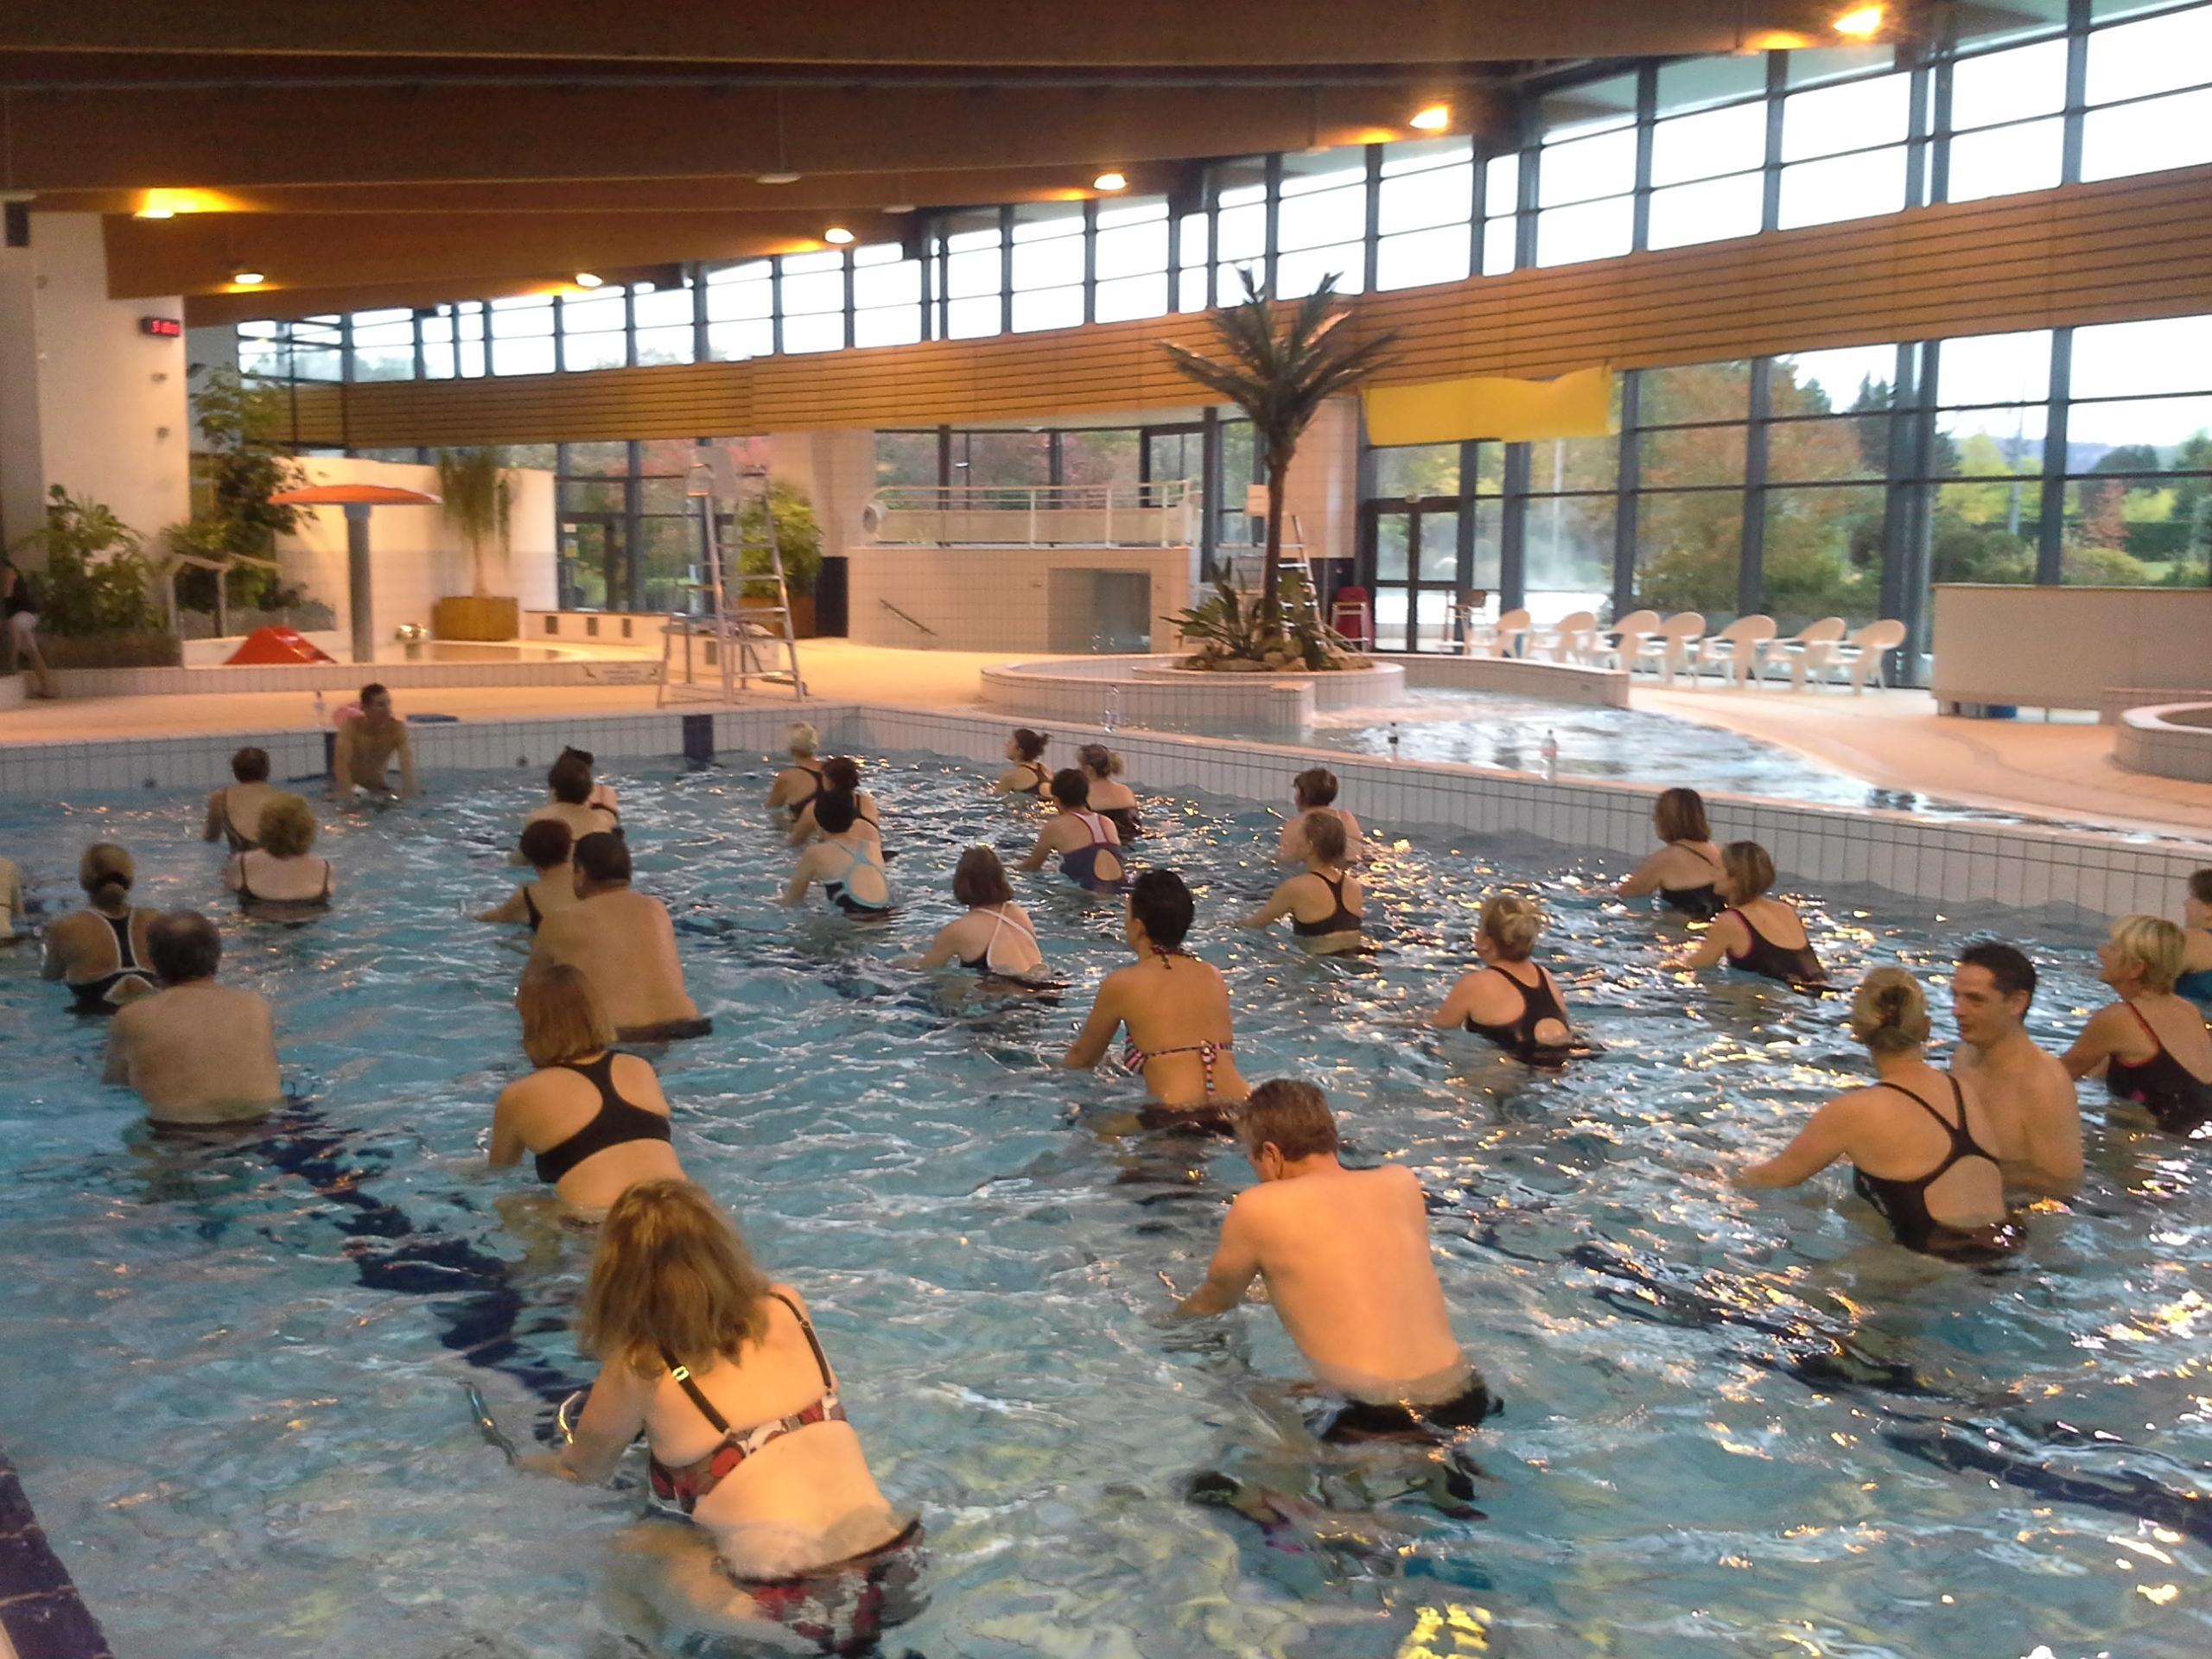 Ain'pulse - Centre Aquatique De Loisirs & Remise En Forme À ... pour Piscine St Vulbas